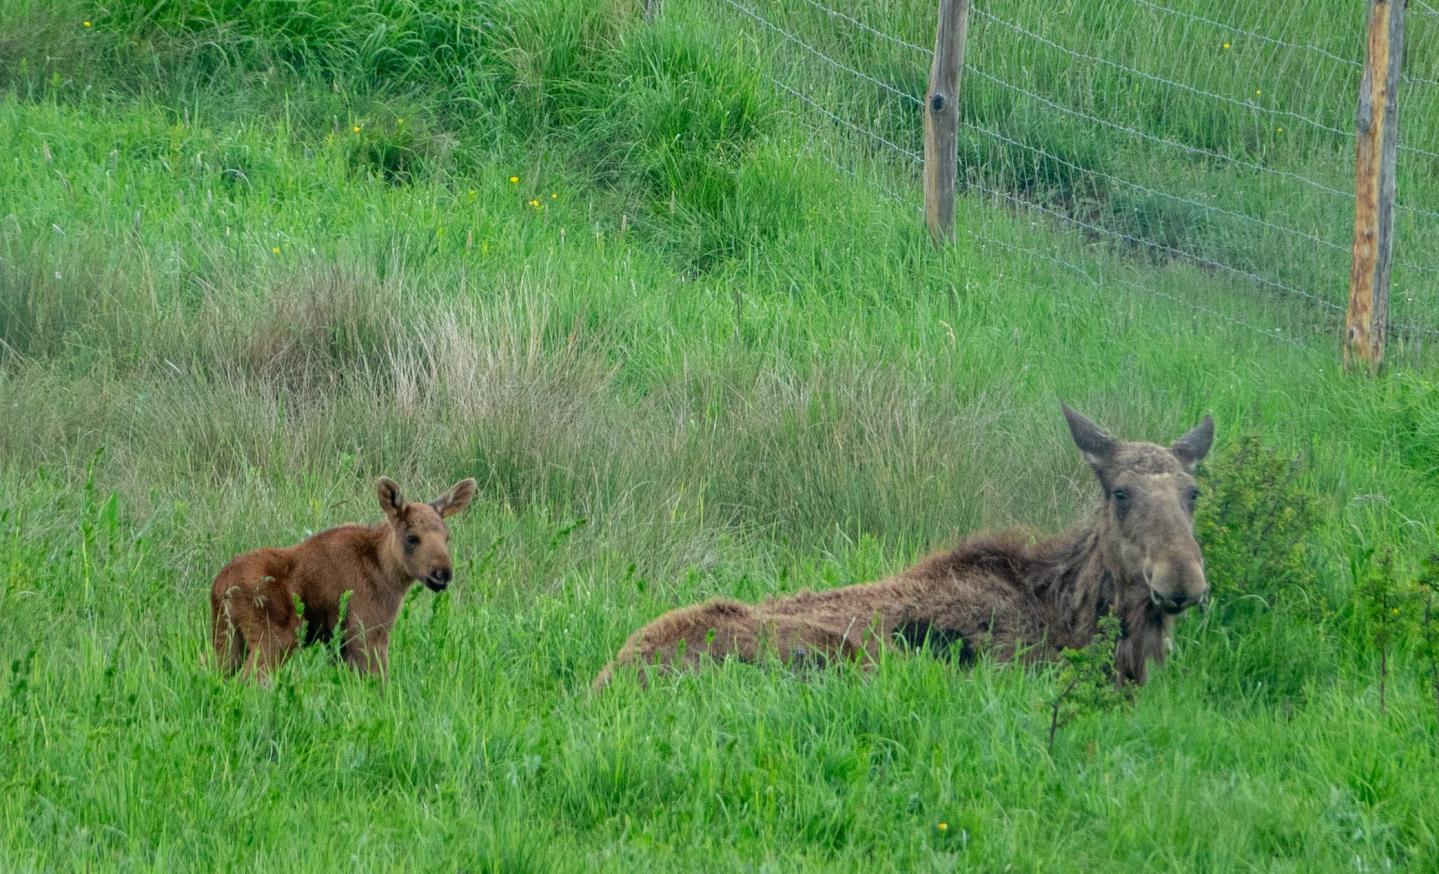 Le bébé élan est né au sein du parc s'acclimatera plus facilement à ces grands espaces que sa mère provenant d'un parc zoologique en Suède.